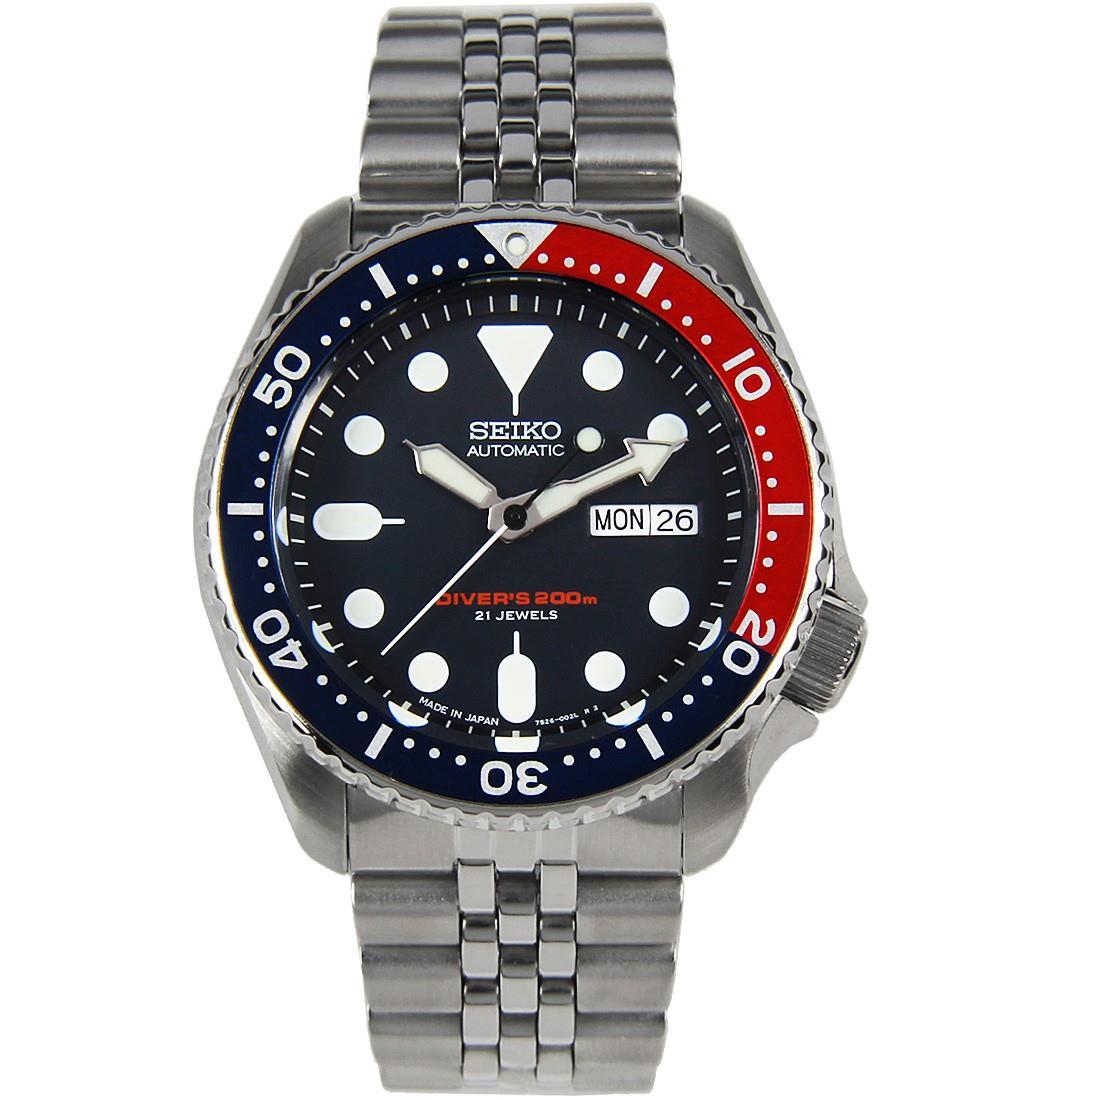 TOP-SELLING-Seiko-SKX009-SKX009J1-SKX009J2-SKX009K1-SKX009K2-Pepsi-Dive-Watch thumbnail 16